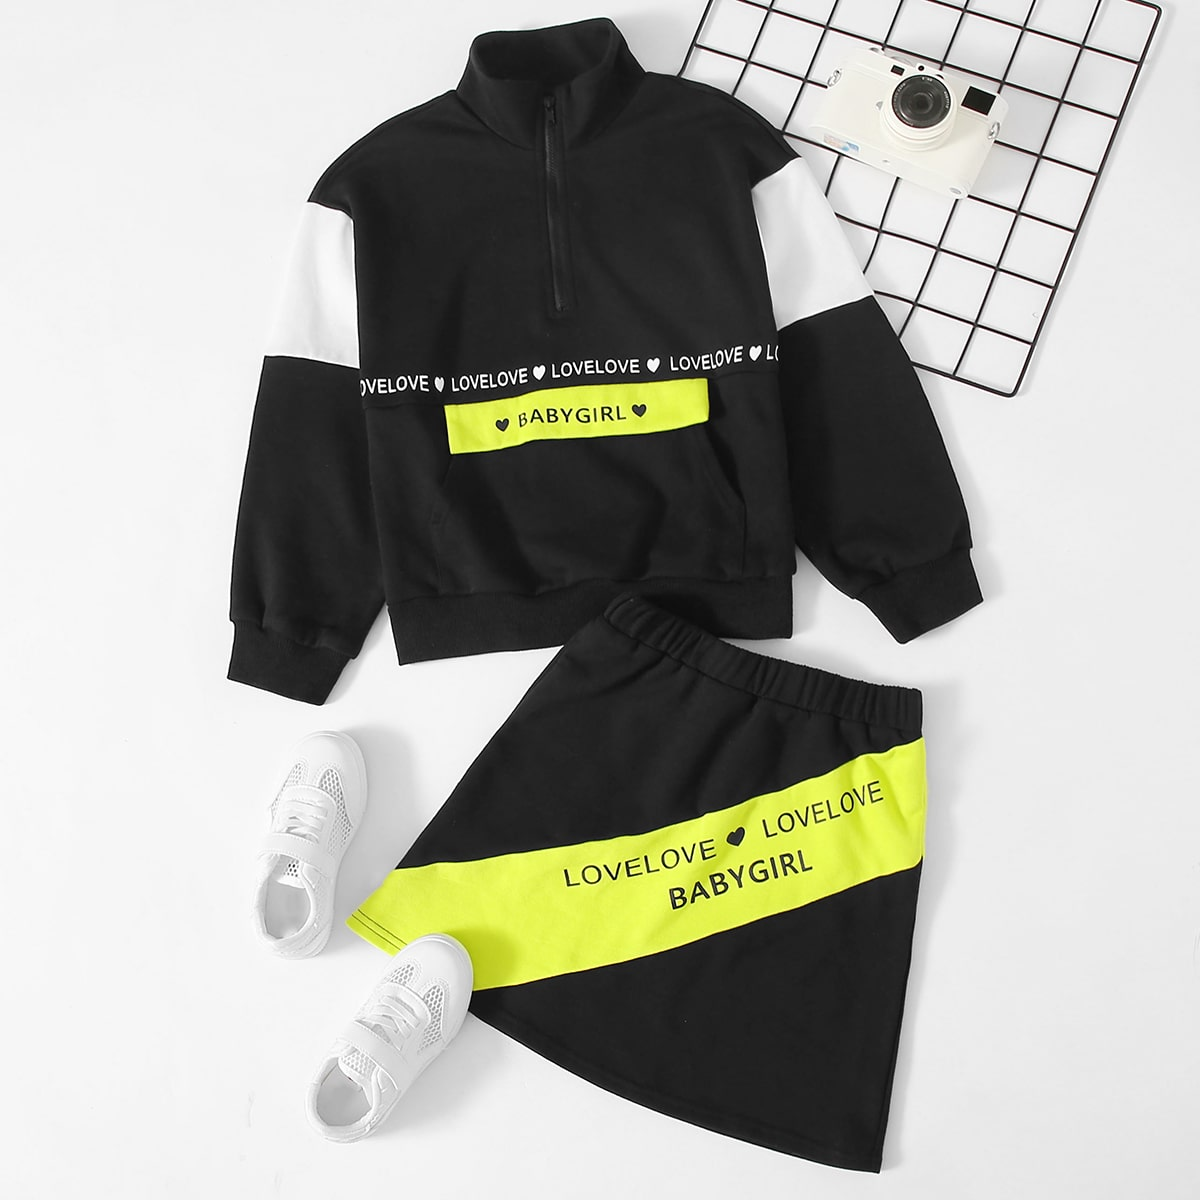 Контрастные пуловер и юбка с текстовым принтом